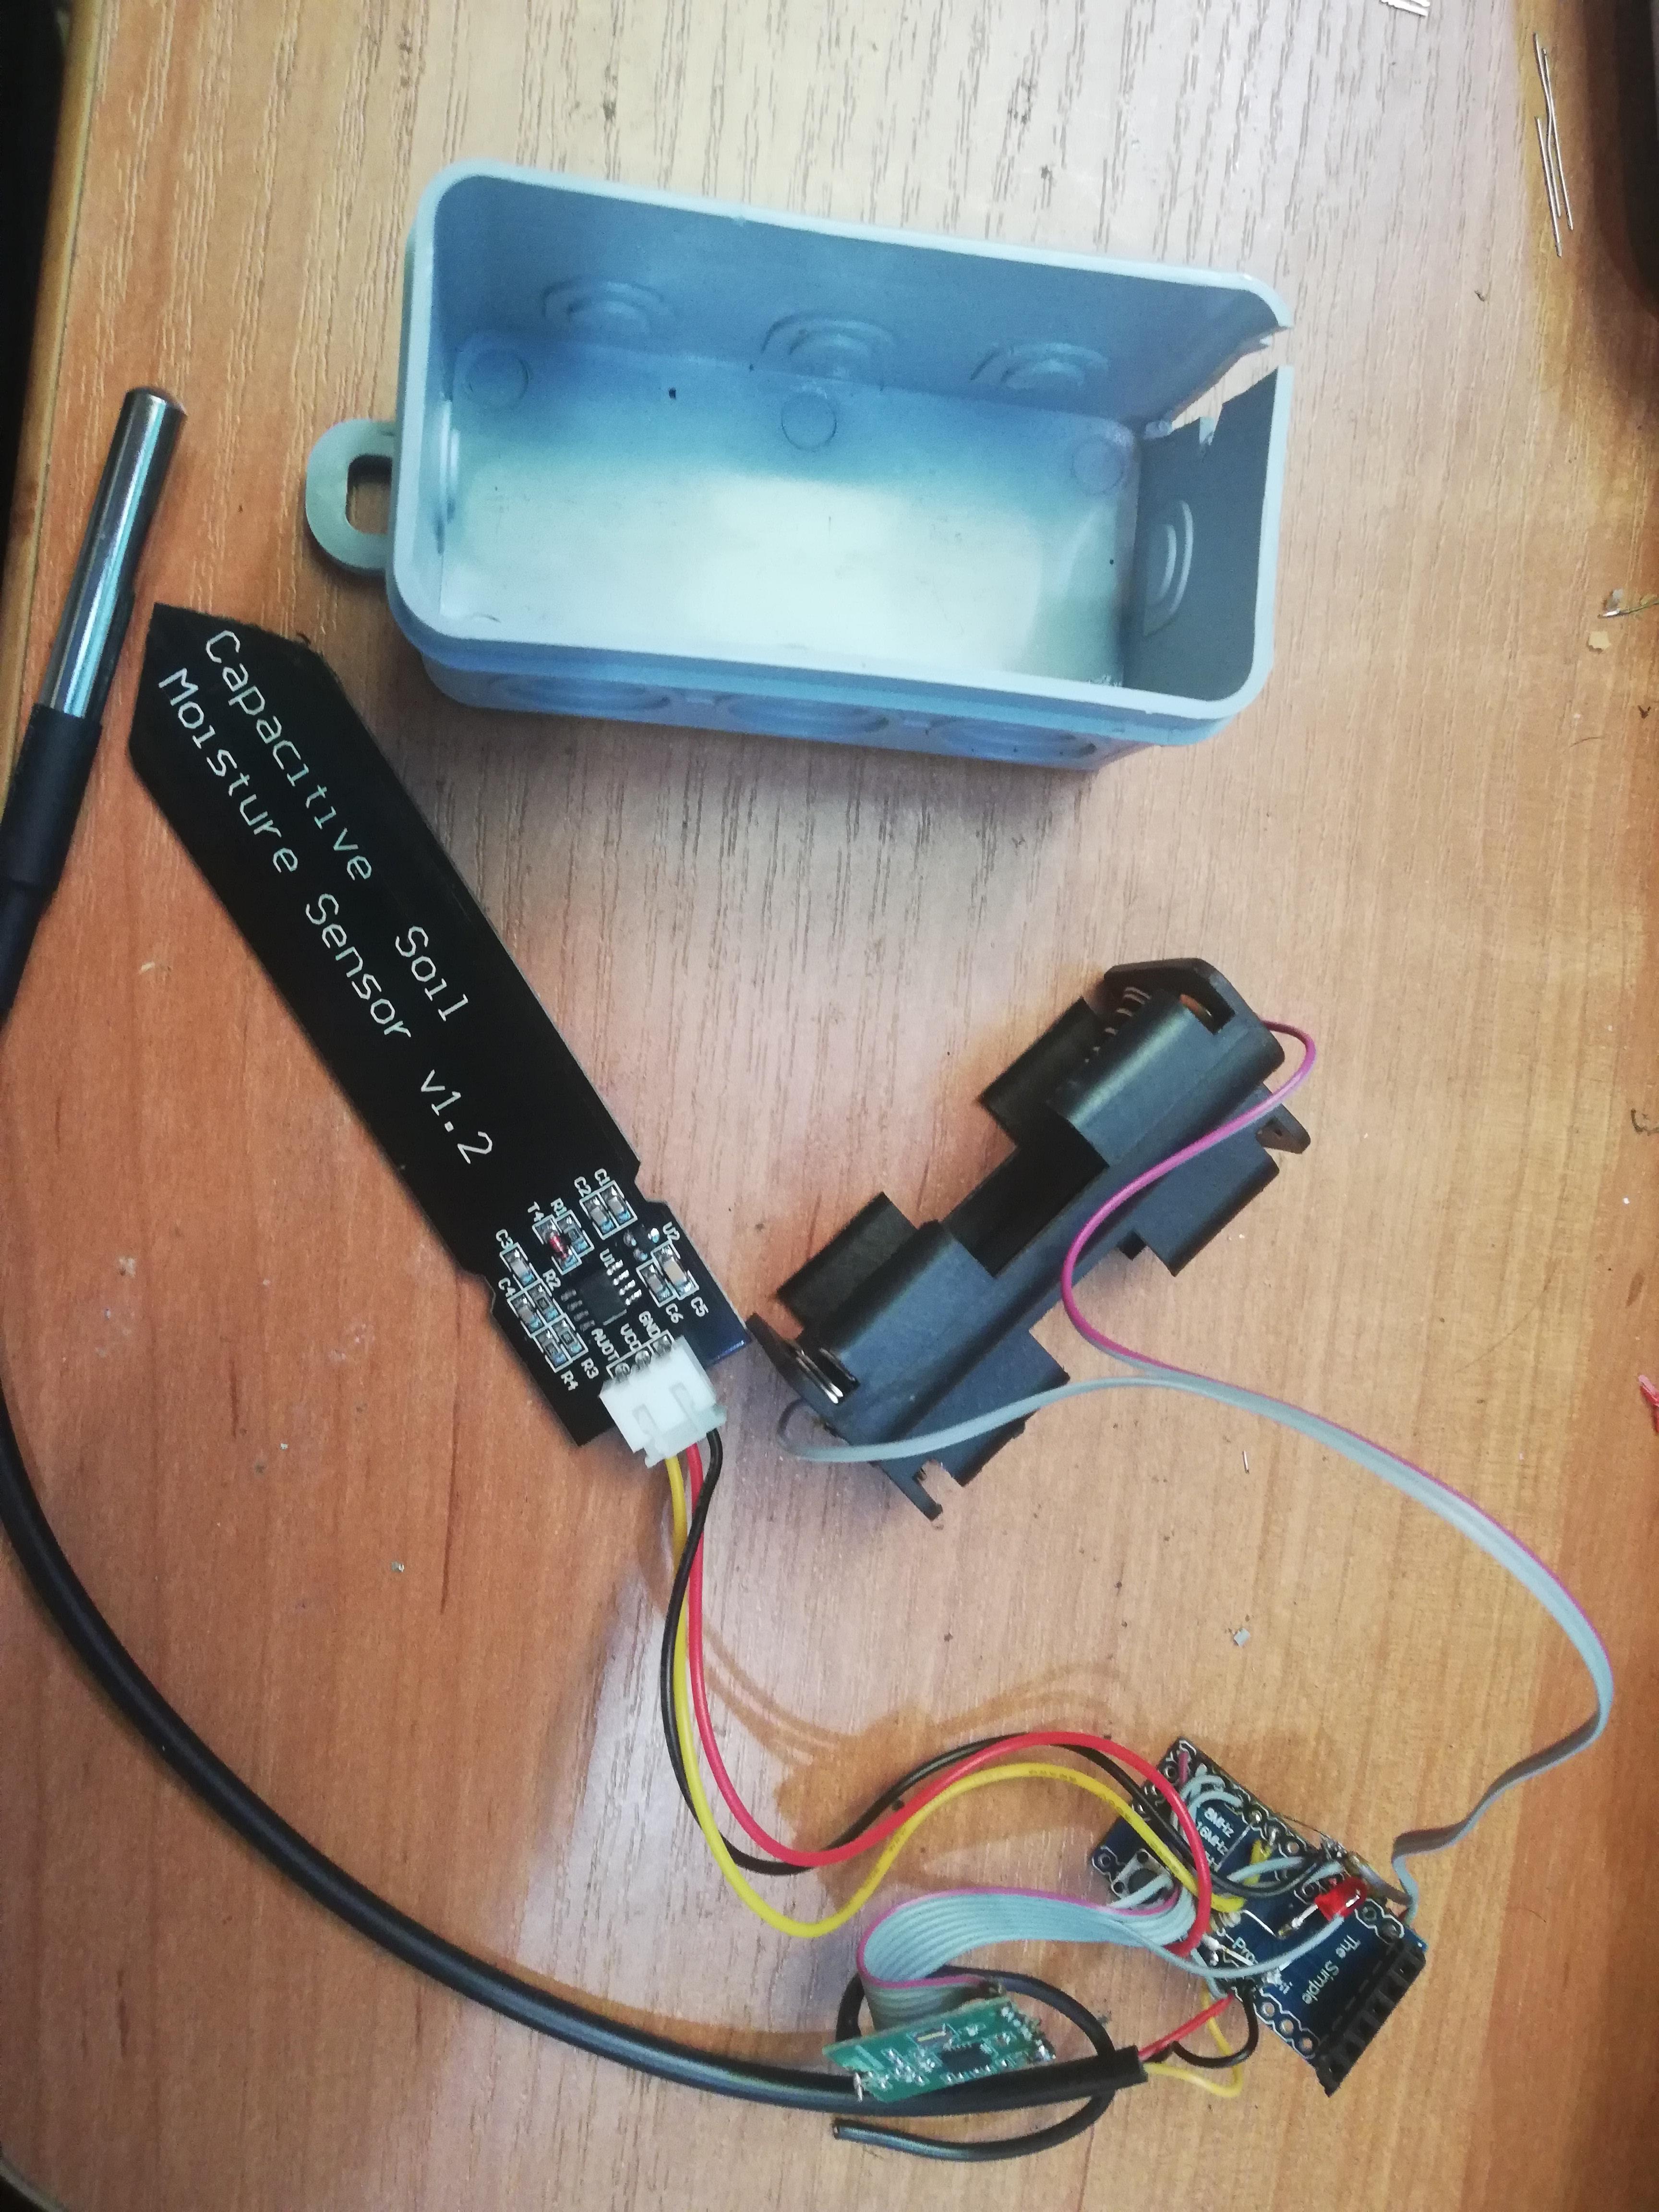 HB-UNI-Sen-CAP-MOIST-T przed włożeniem do puszki.